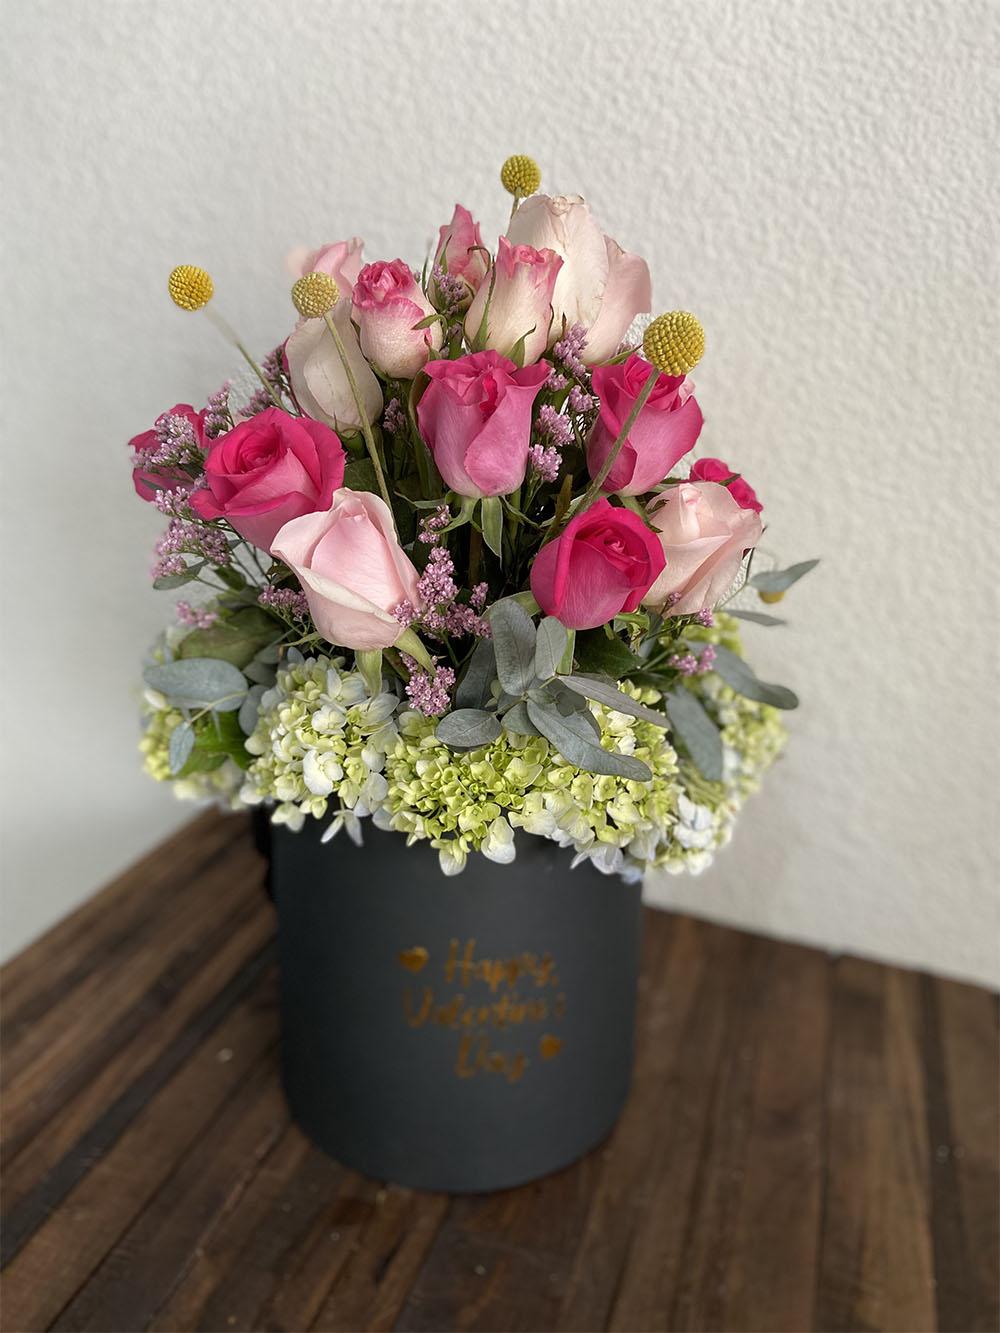 Rosas y Hortensias 2 Image